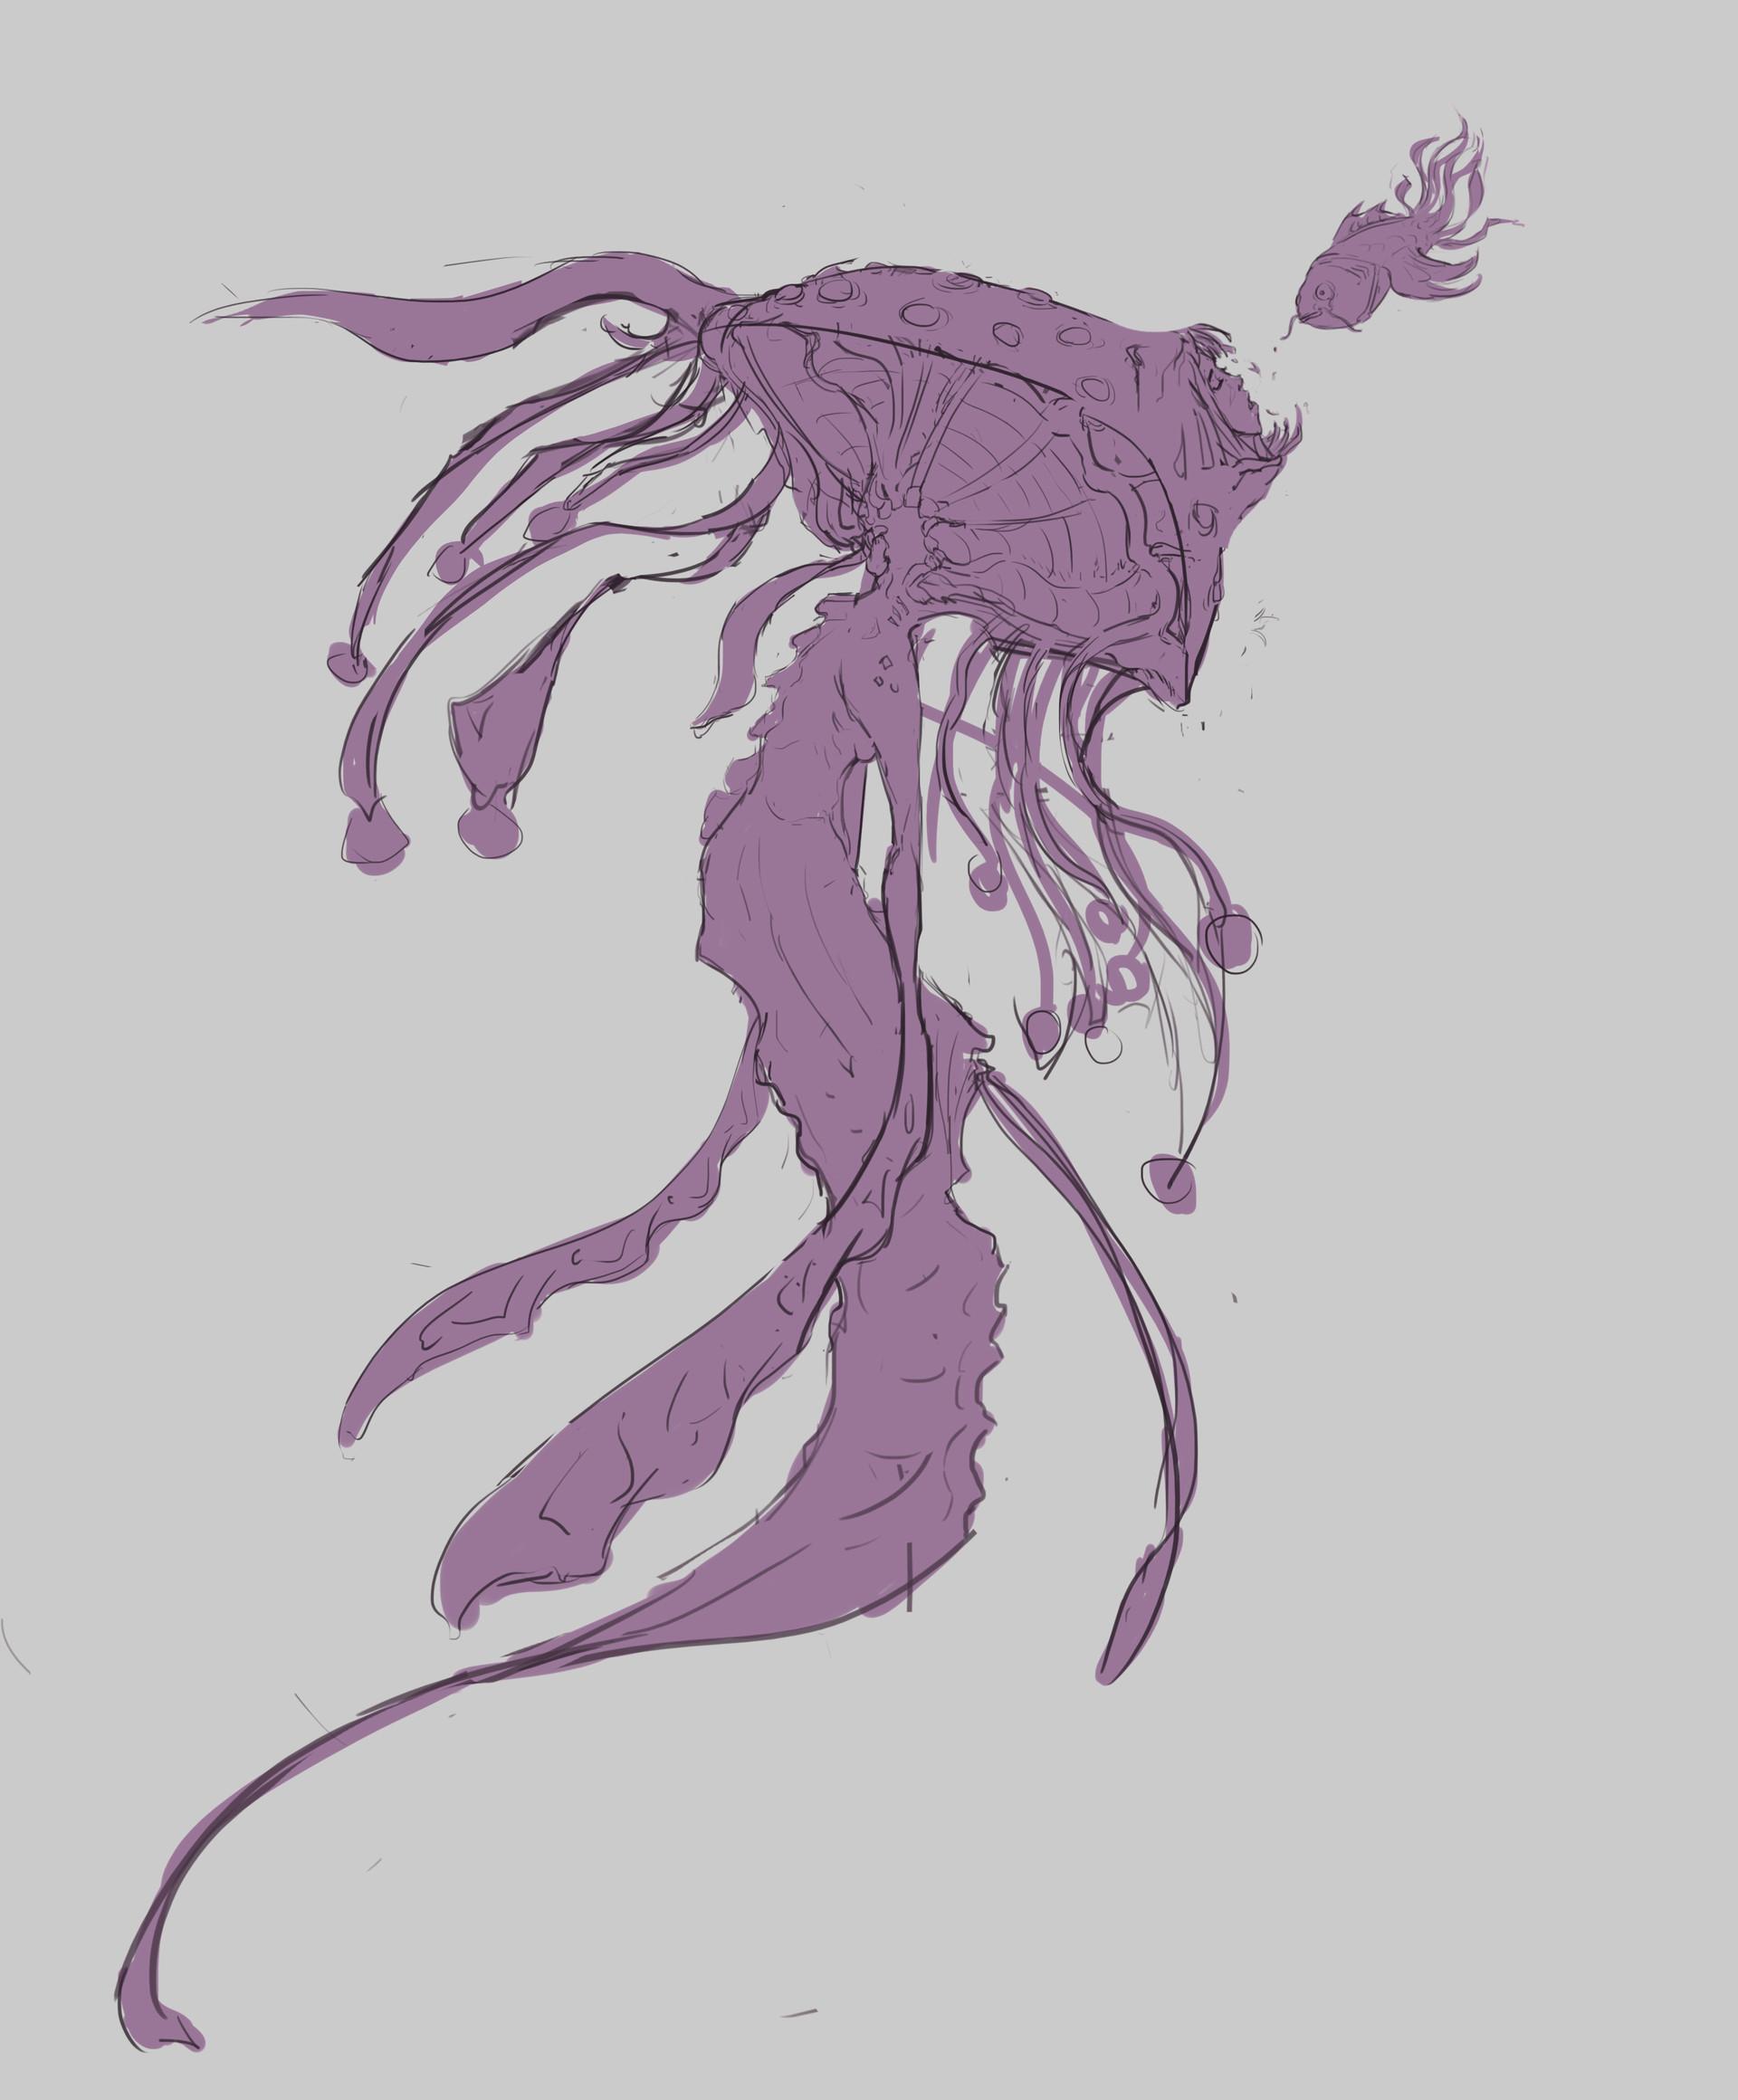 Boyan kazalov jellyfishmonsterplant